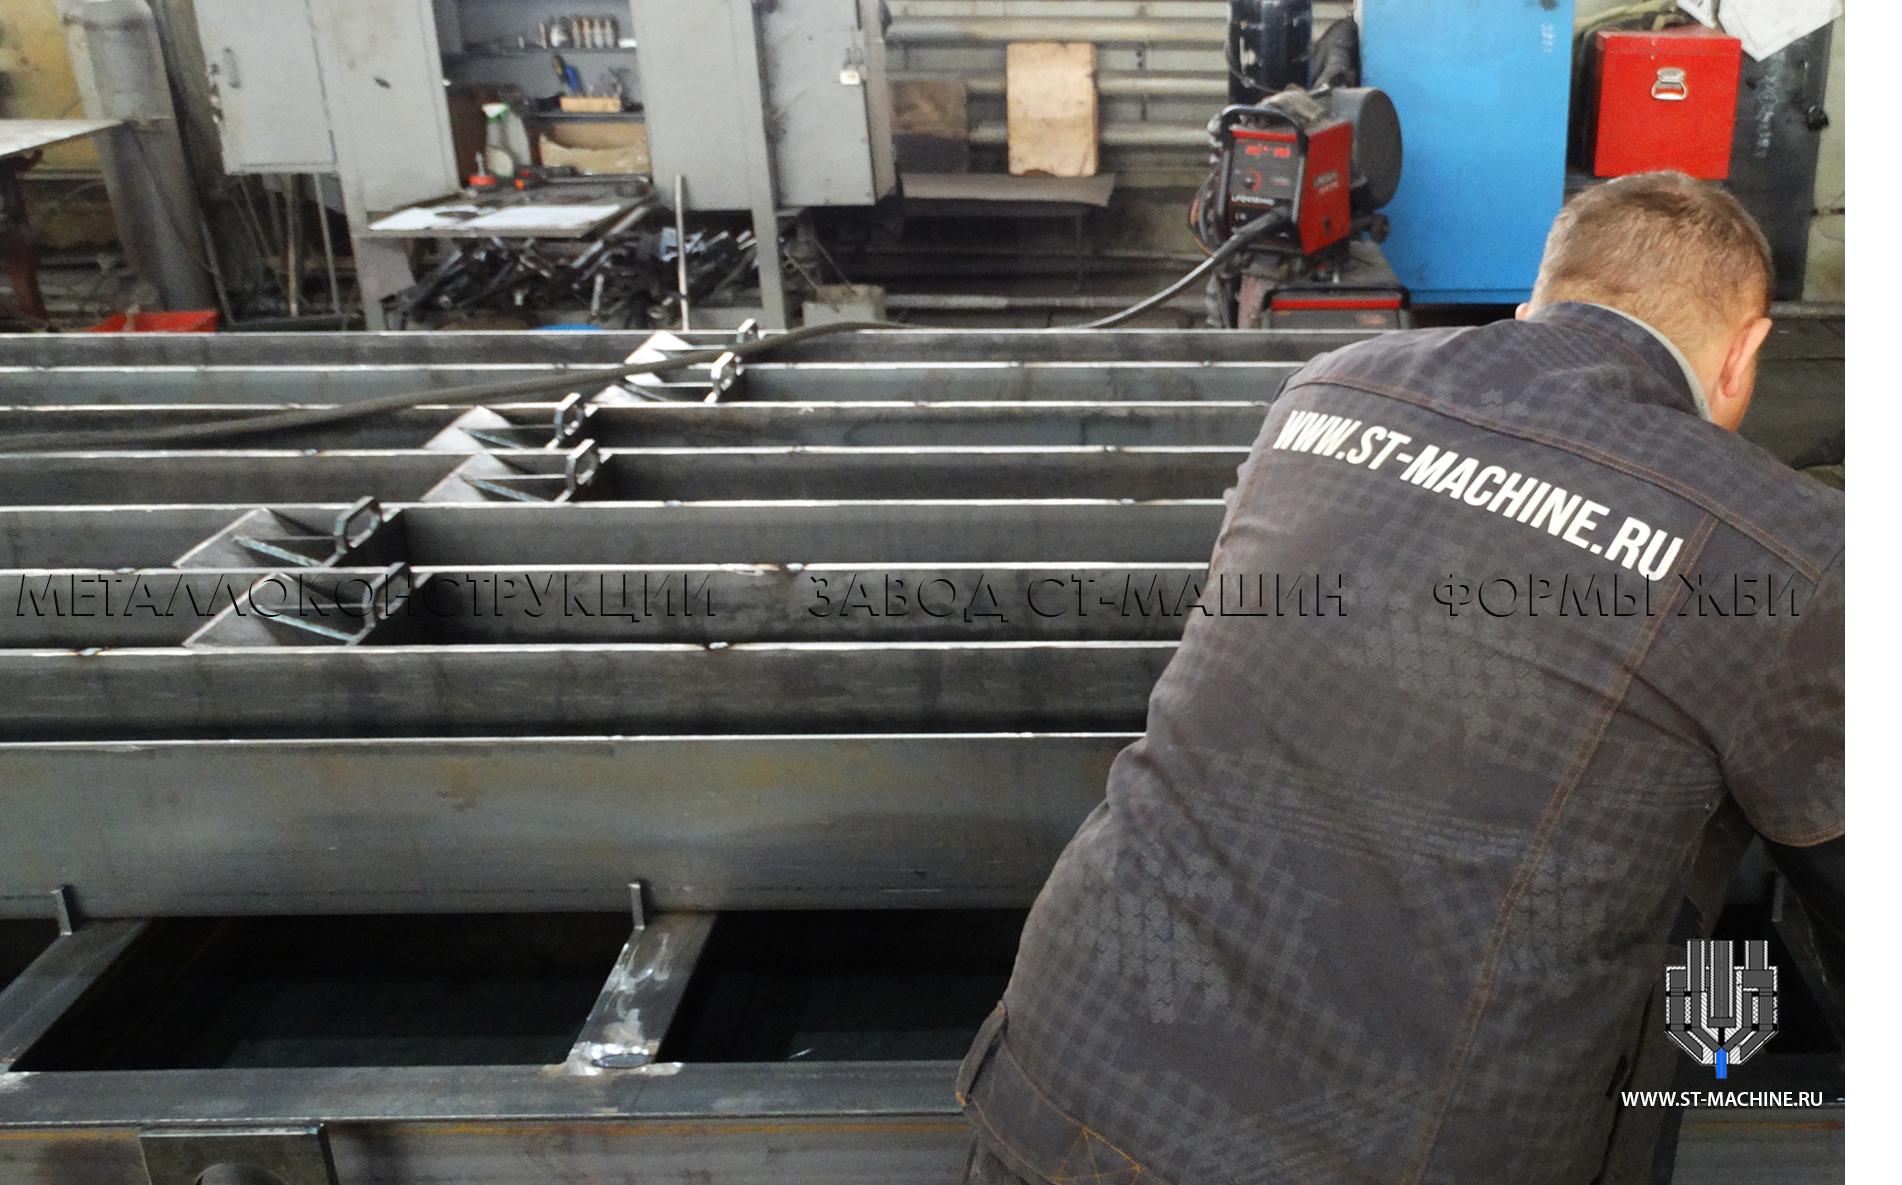 металлоформы-жби-для-изготовления-свай-забивных-ст-машин-st-machine.ru-москва-балашиха.jpg